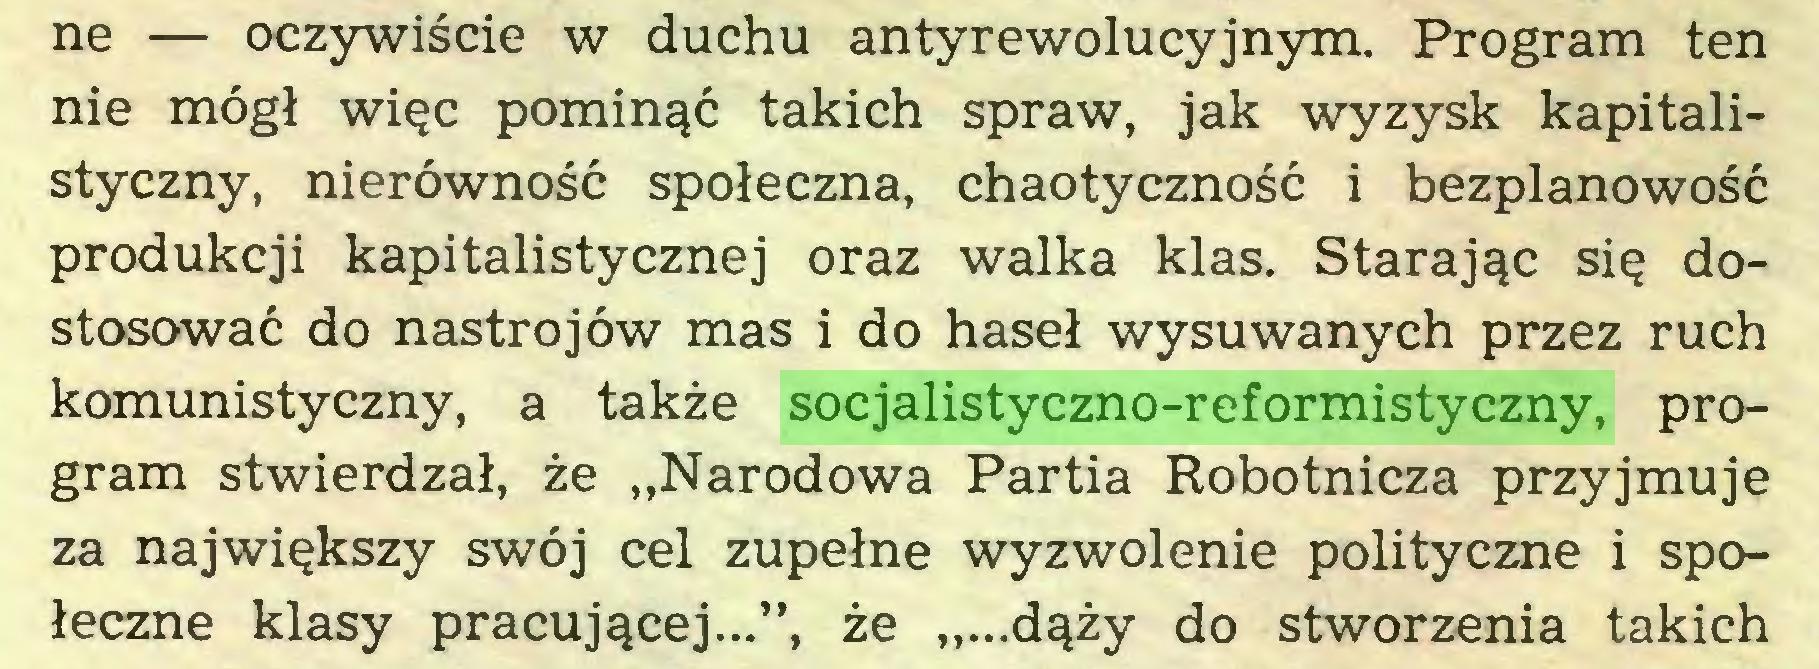 """(...) ne — oczywiście w duchu antyrewolucyjnym. Program ten nie mógł więc pominąć takich spraw, jak wyzysk kapitalistyczny, nierówność społeczna, chaotyczność i bezplanowość produkcji kapitalistycznej oraz walka klas. Starając się dostosować do nastrojów mas i do haseł wysuwanych przez ruch komunistyczny, a także socjalistyczno-reformistyczny, program stwierdzał, że """"Narodowa Partia Robotnicza przyjmuje za największy swój cel zupełne wyzwolenie polityczne i społeczne klasy pracującej..."""", że """"...dąży do stworzenia takich..."""